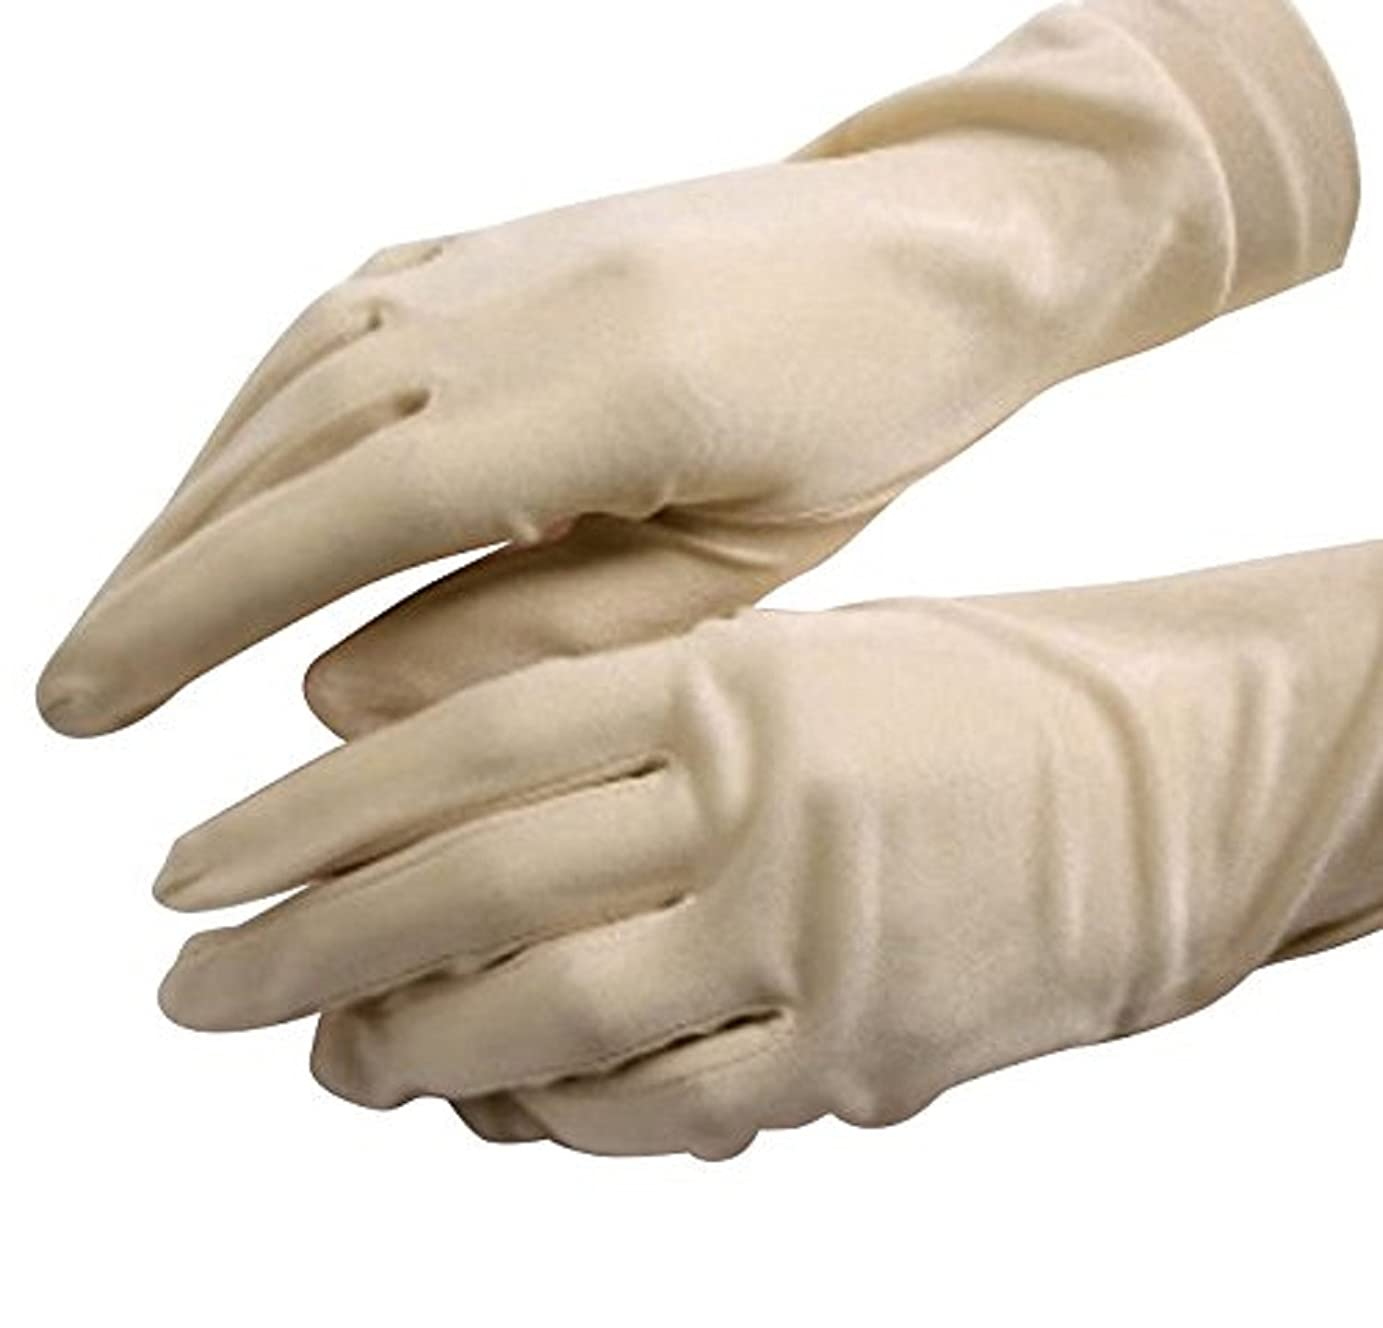 役割ソート重さCREPUSCOLO 手荒れ対策! シルク手袋 おやすみ 手袋 保湿ケア UVカット ハンドケア シルク100% 全7色 (ベージュ)